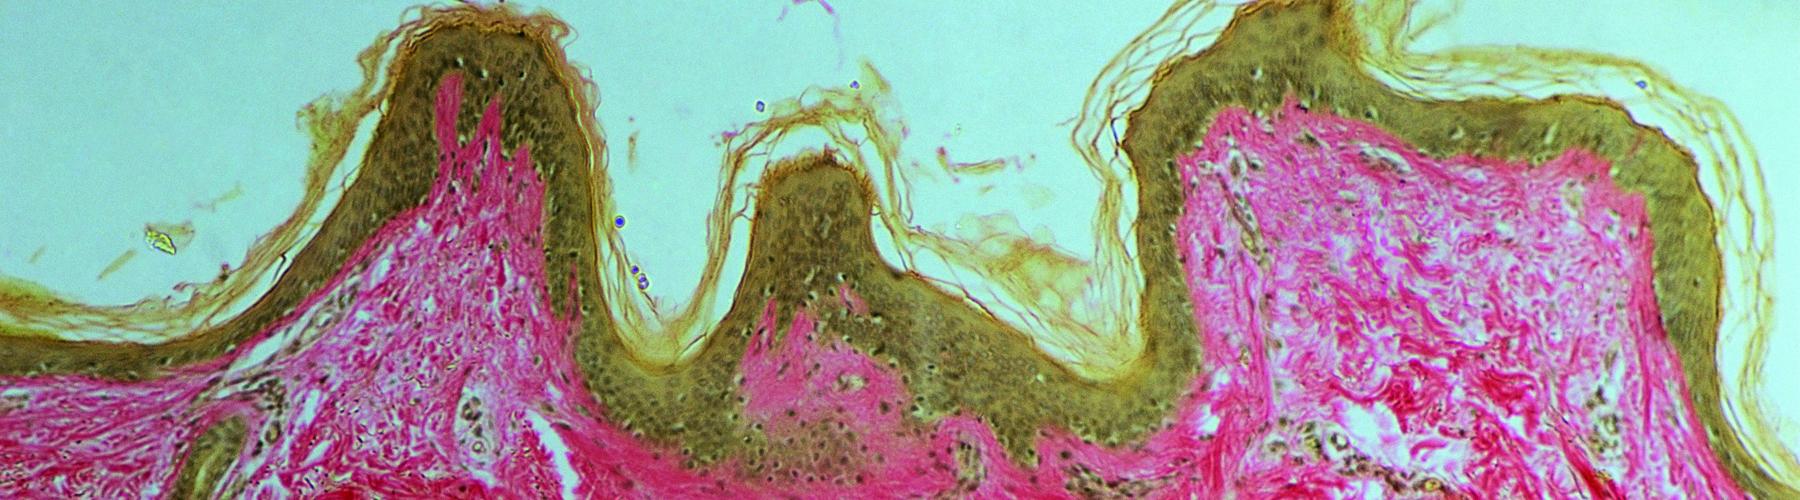 Course Image Ter. farm. de los trastornos dermatológicos, oftalmológicos y otológicos. Agentes farmacológicos de diagnóstico (2ª edición)